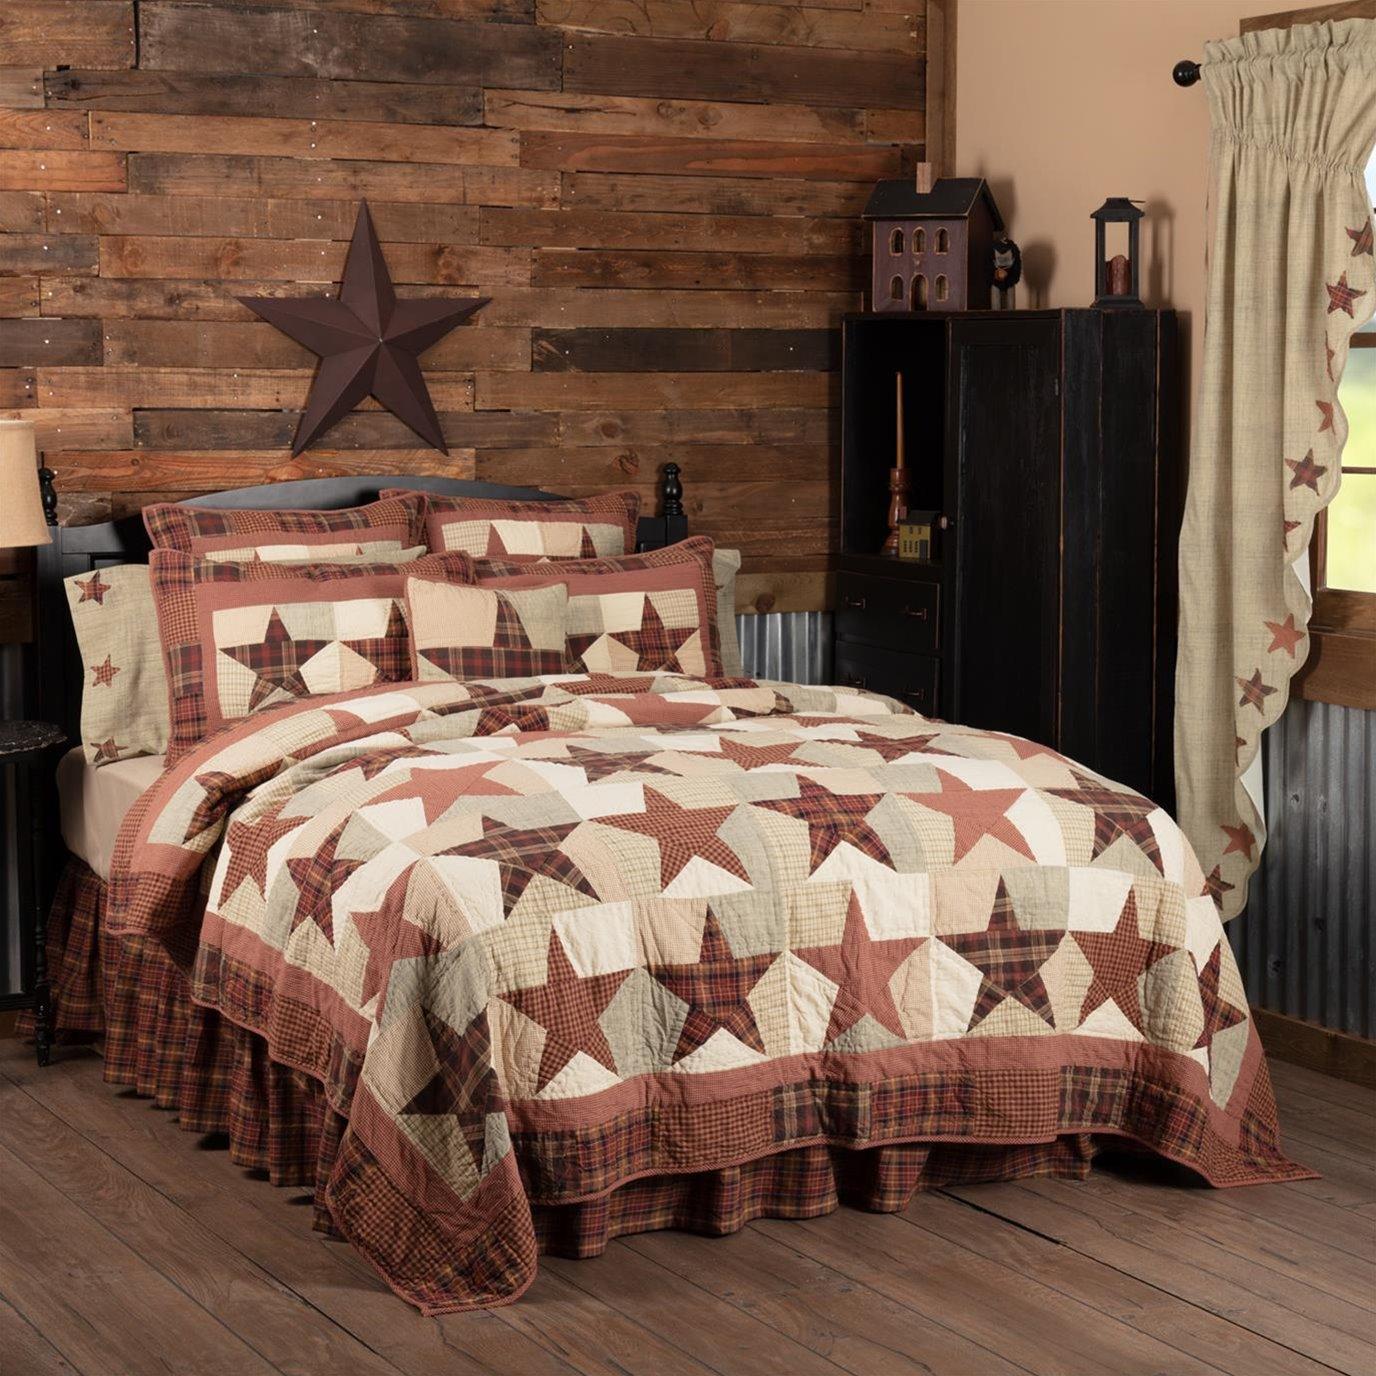 Abilene Star California King Quilt 130Wx115L